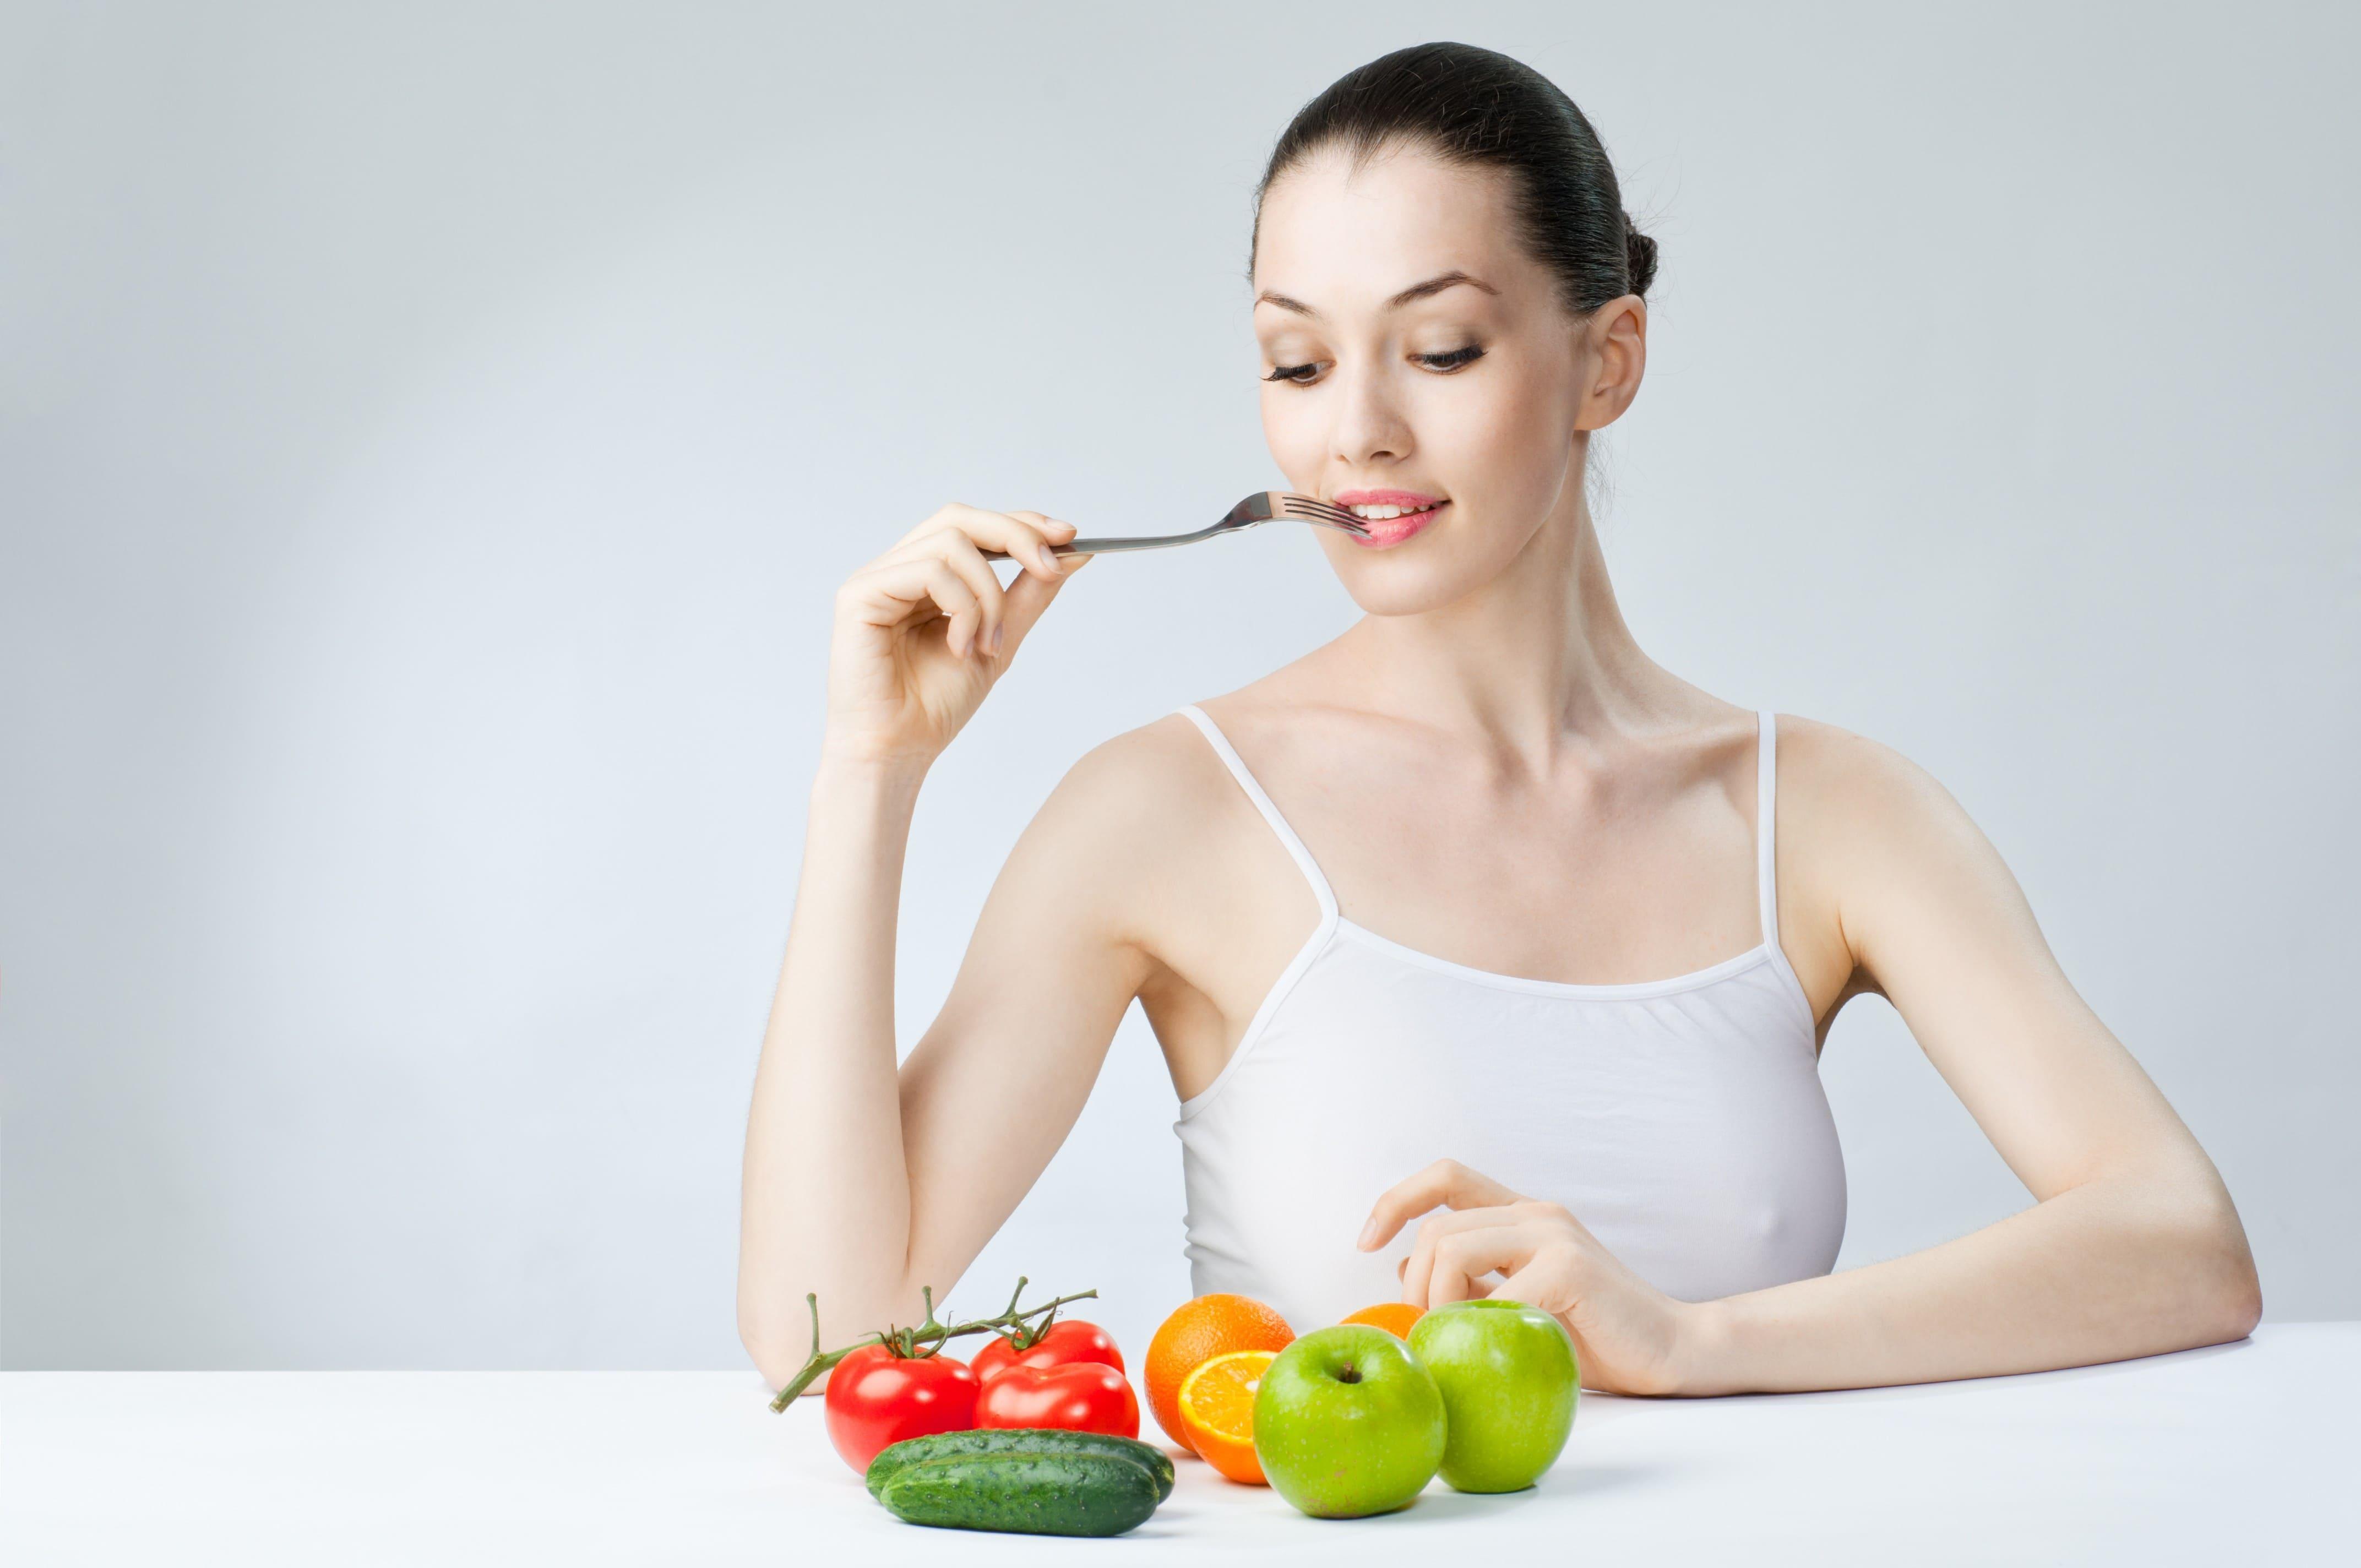 як можна похудіти на дієті